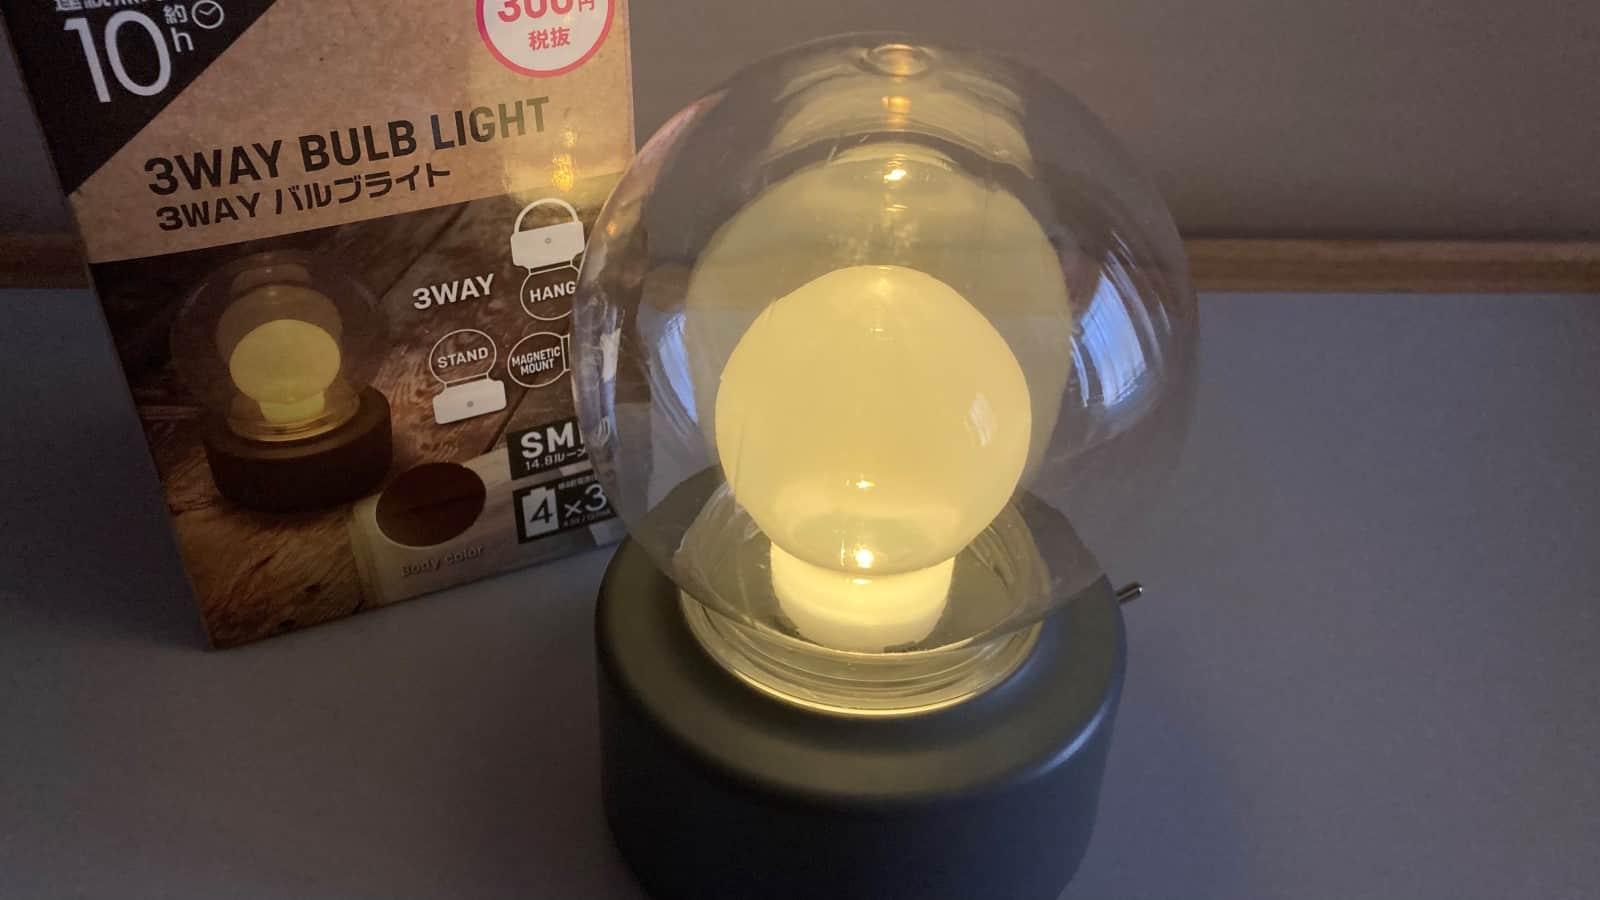 ダイソー3WAYバルブライトの灯りをつけて置いている様子